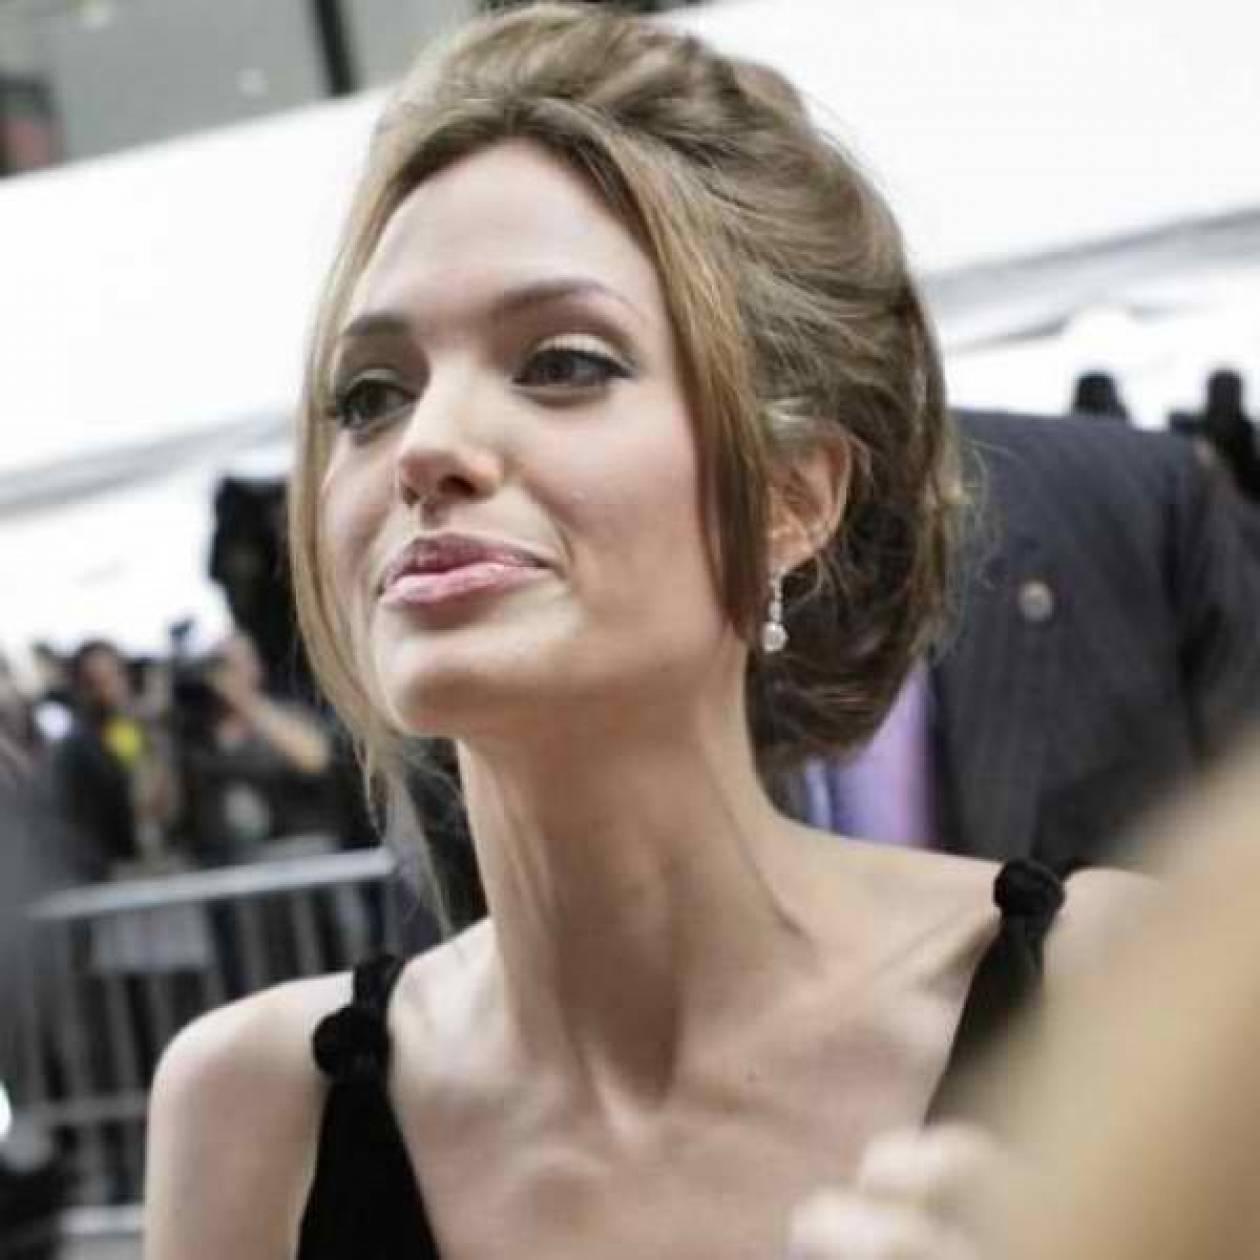 Το μυστικό της Angelina αποκαλύφθηκε